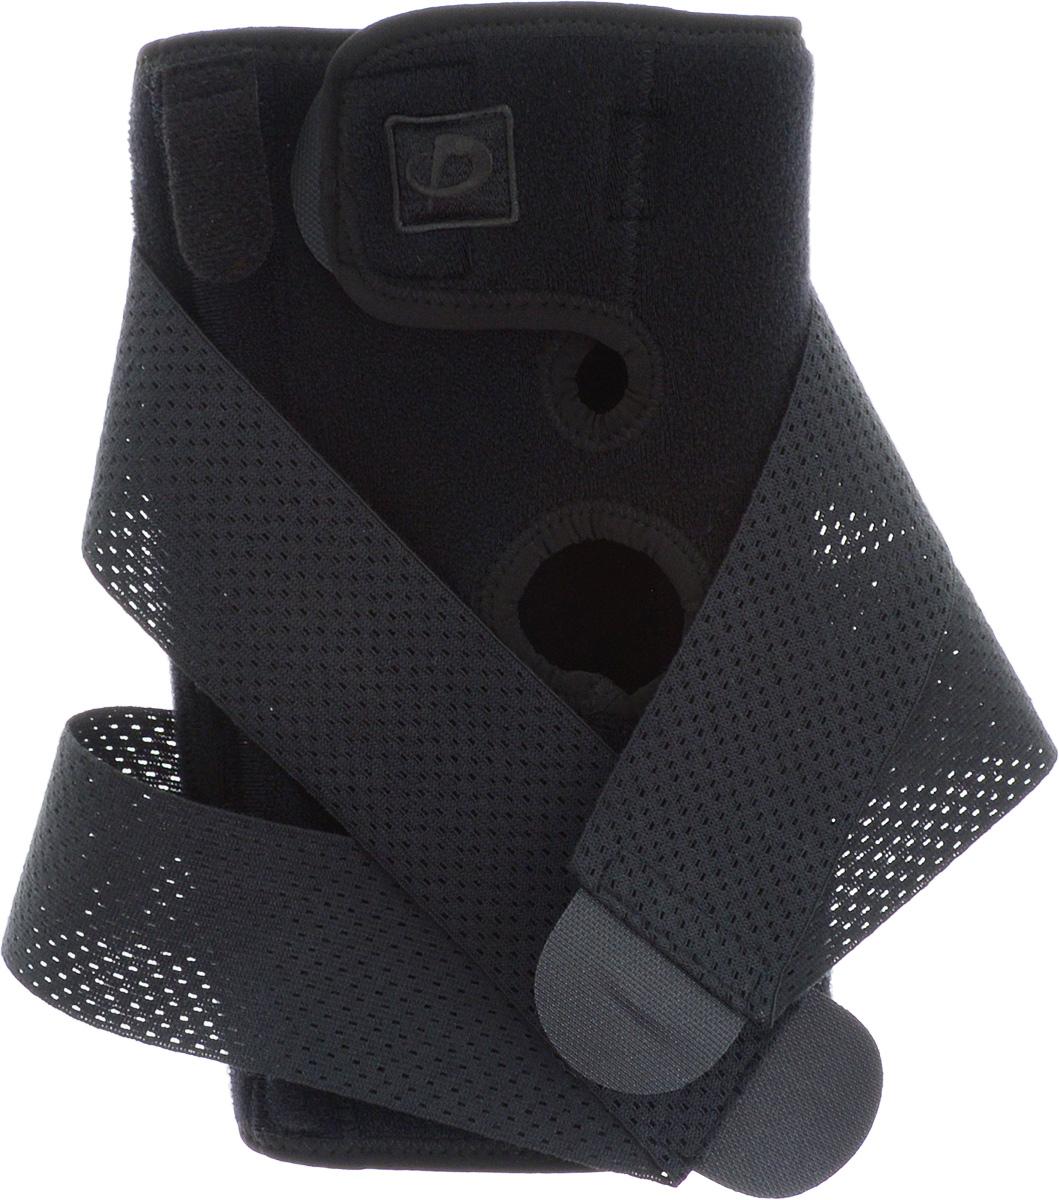 Суппорт колена Phiten Hard Type. Размер S (36-42 см)BY4189Суппорт колена Phiten Hard Type обеспечивает мягкую фиксацию сустава, активное воздействие на проприоцепторы, снятие суставного, связочного и мышечного напряжения, облегчение болевых ощущений. Показания к применению: все виды воспаления коленного сустава, растяжение мышц и связок коленного сустава, бурситы, хронические дегенеративные заболевания суставов, артроз коленного сустава, артрит и остеоартрит, пателлофеморальный болевой синдром. Жесткая, но регулируемая благодаря специальному ремню фиксация этого суппорта идеально подходит для ношения в течение всего дня или при восстановлении после травм коленного сустава, мышц и связок. Благодаря специальной пропитке акватитаном, пояс способствует скорейшему восстановлению после травмы. Материал: наружная часть: нейлон 93%, полиуретан 7%; внутренняя часть: нейлон 80%, полиуретан 20%; липучка: полиэстер 100%; акватитан, аквапалладий. Обхват колена: 36-42 см.